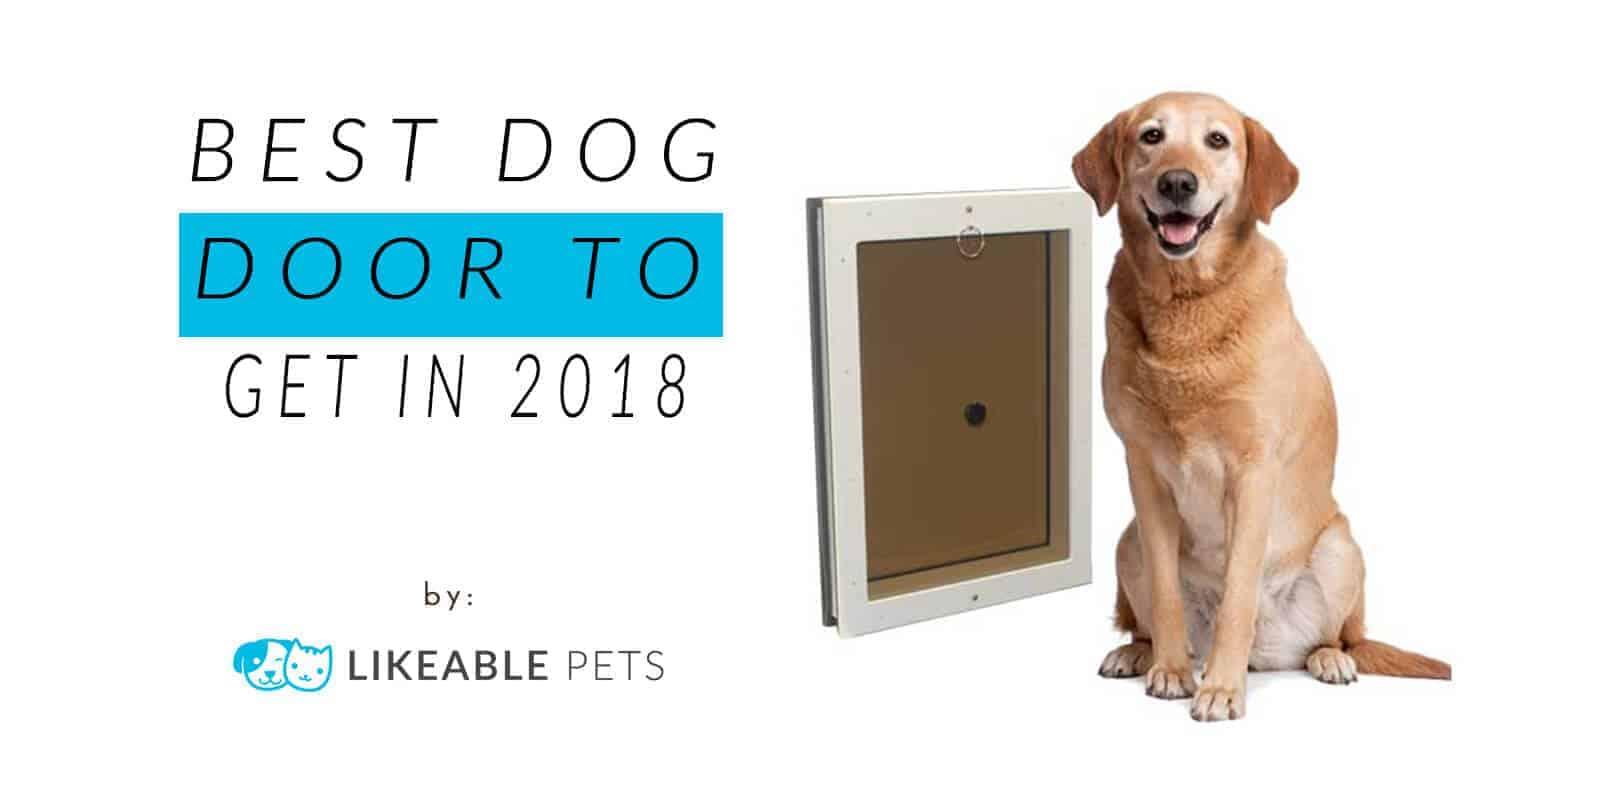 Best Dog Door to Get in 2018